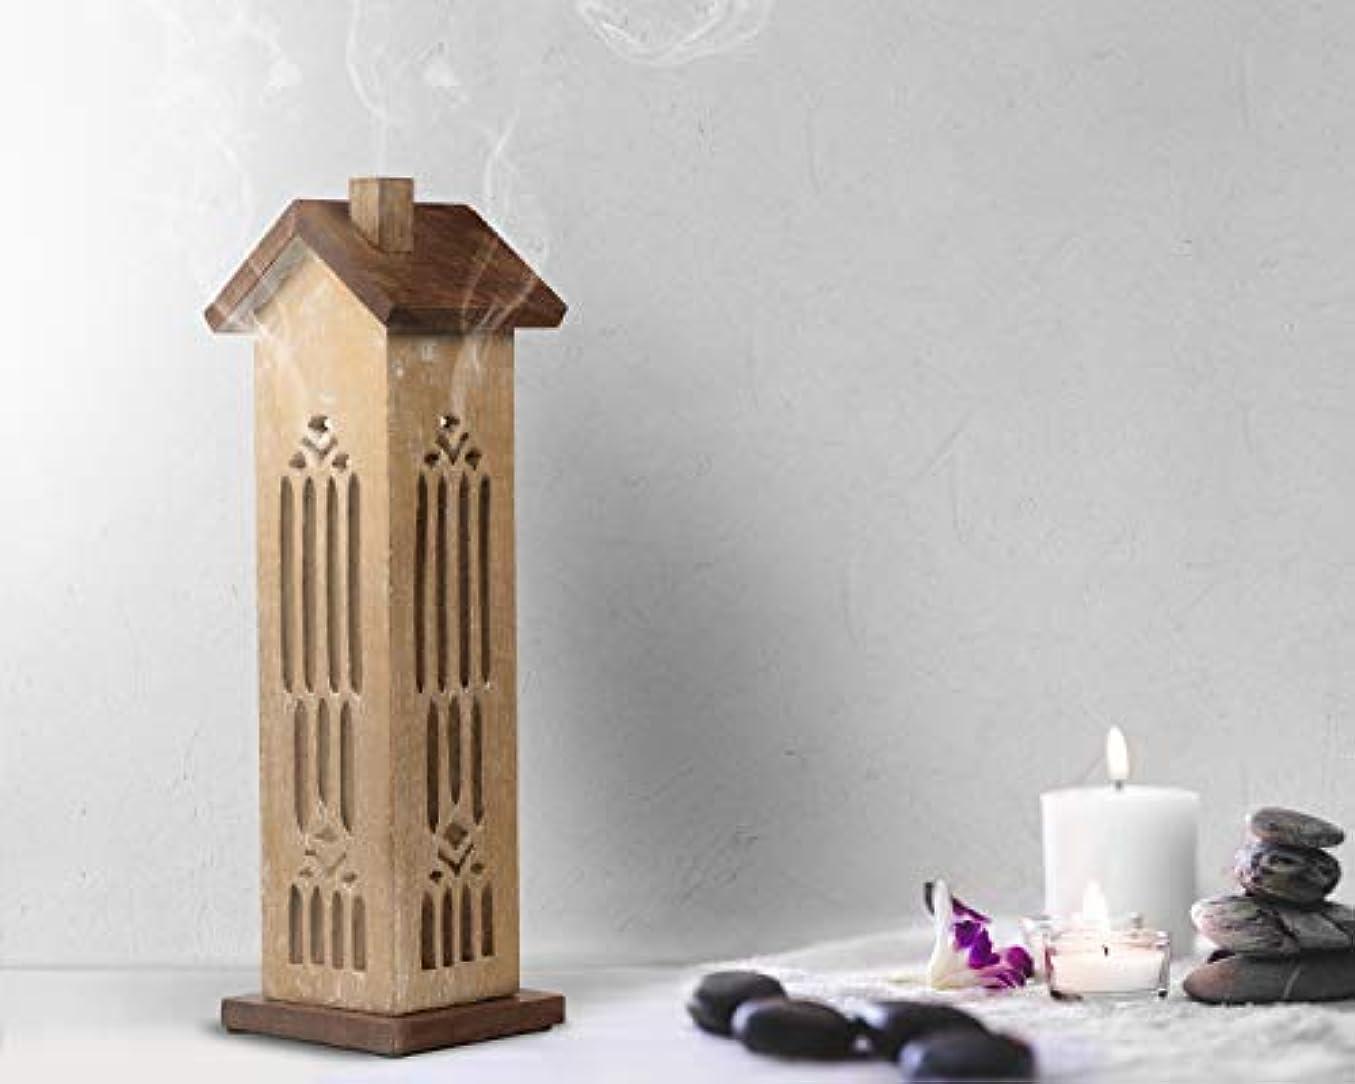 ワイド命令行動storeindya 感謝祭ギフト 木製タワーハウスお香ホルダー ウォールナット仕上げ バーナー アッシュキャッチャー付き 装飾的 無料 オーガニックお香3本